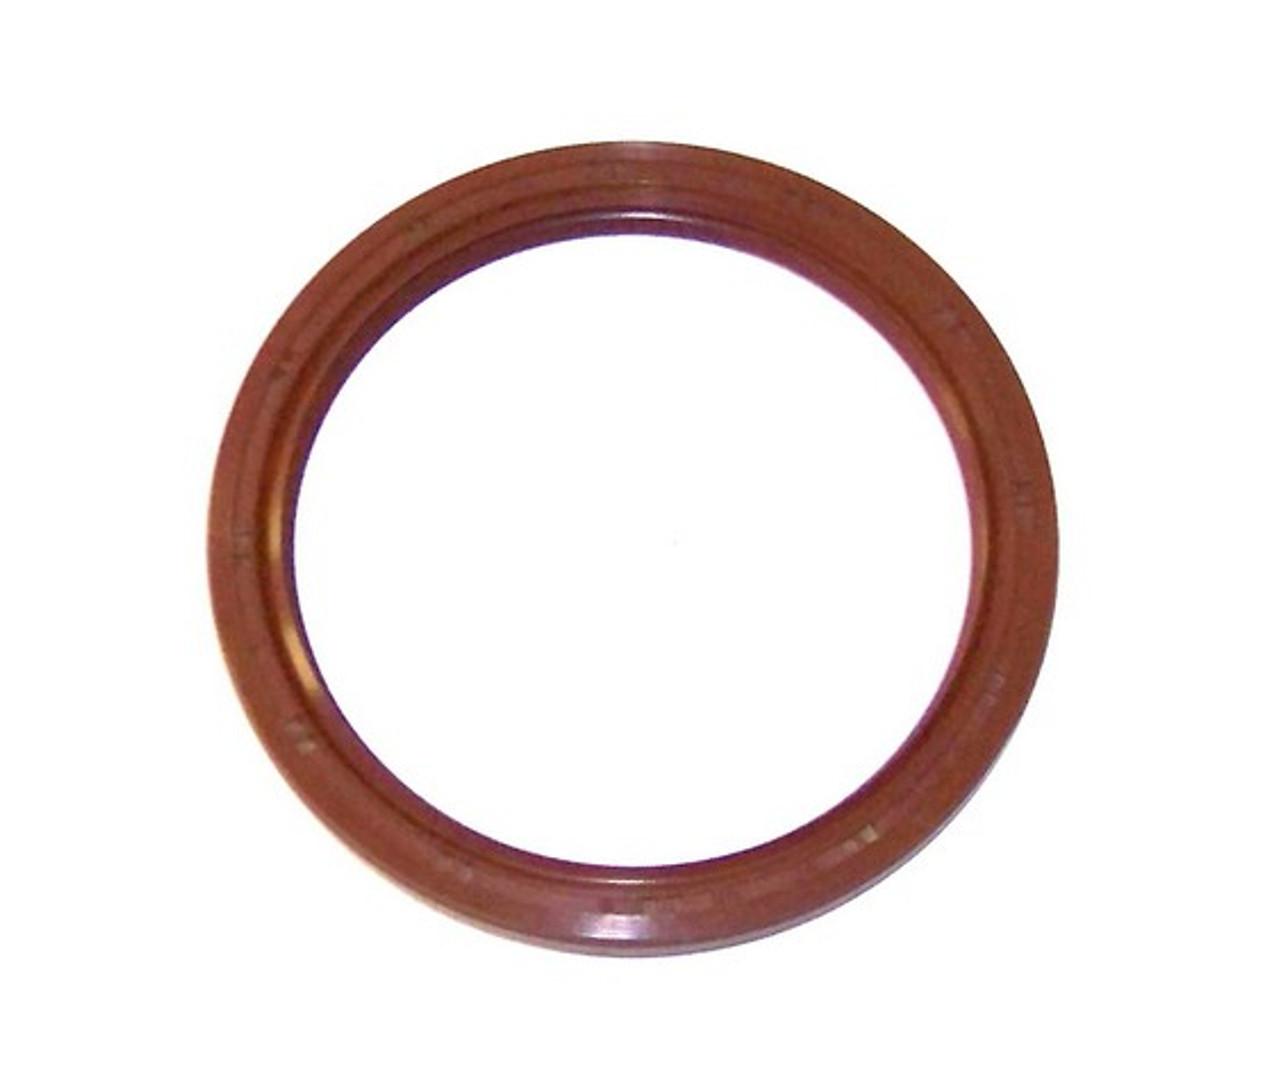 Crankshaft Seal 3.5L 2013 Acura TL - RM285.55